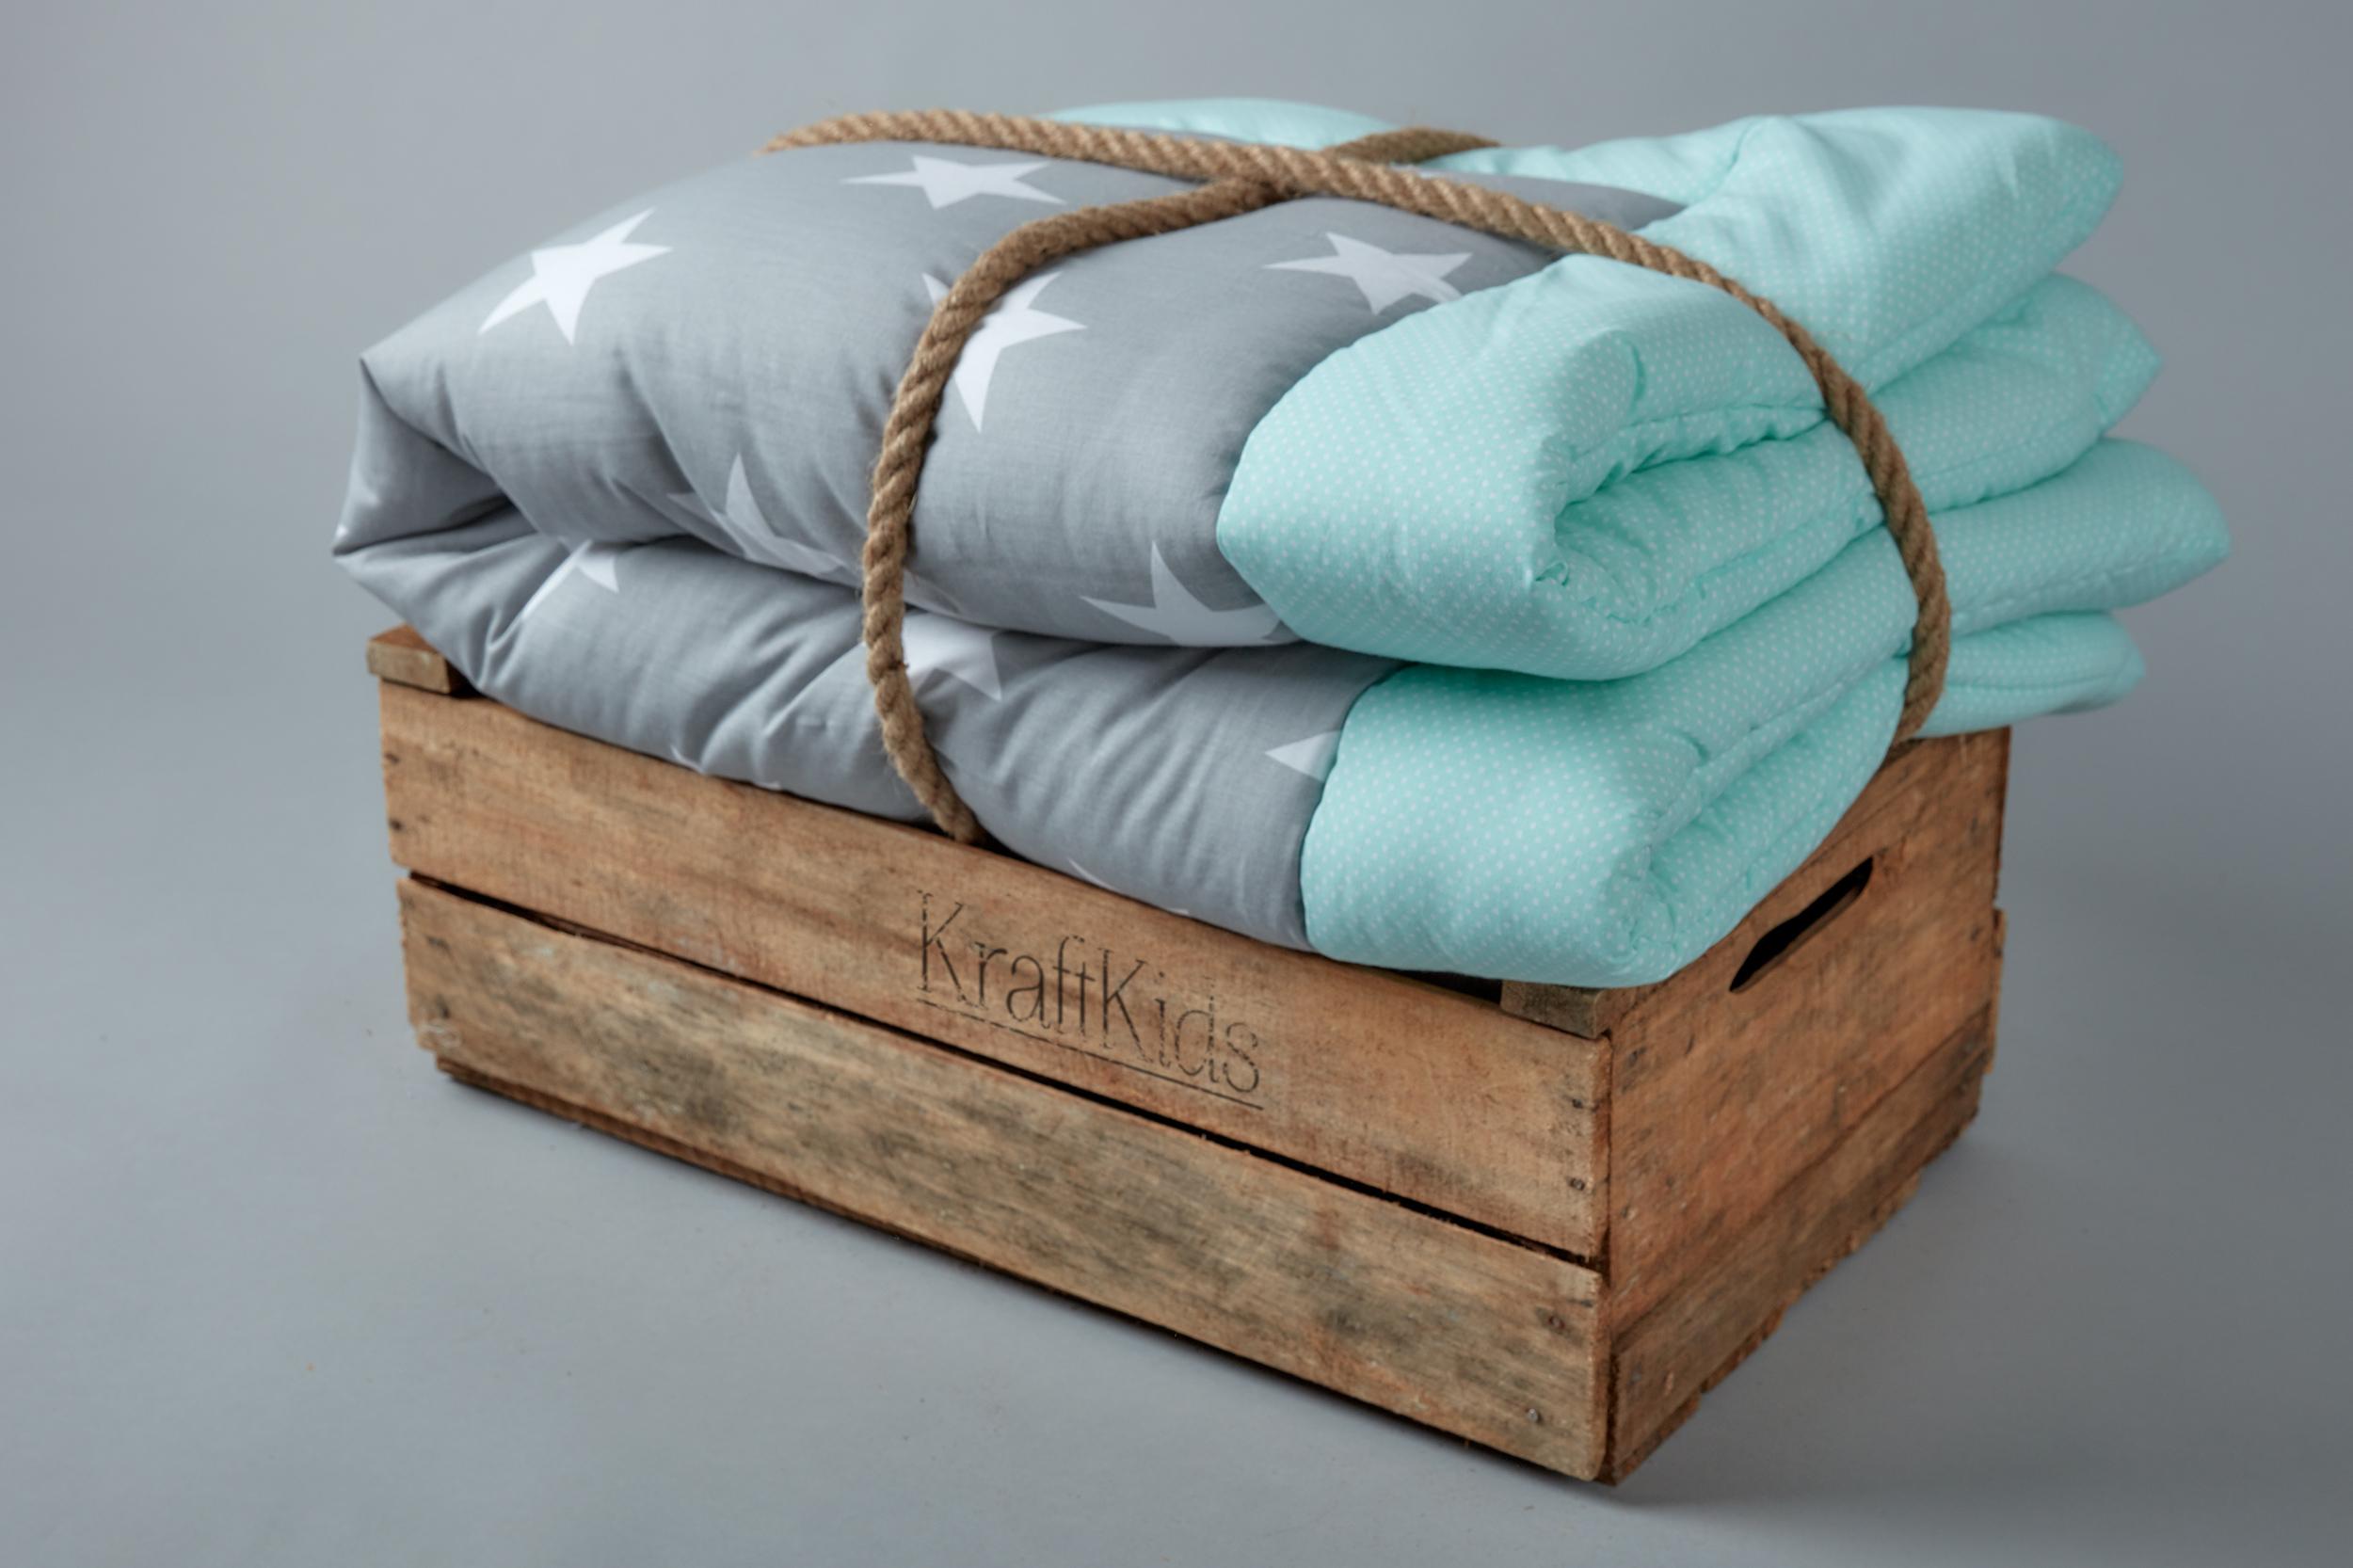 kraftkids krabbeldecke gro e wei e sterne auf grau und. Black Bedroom Furniture Sets. Home Design Ideas